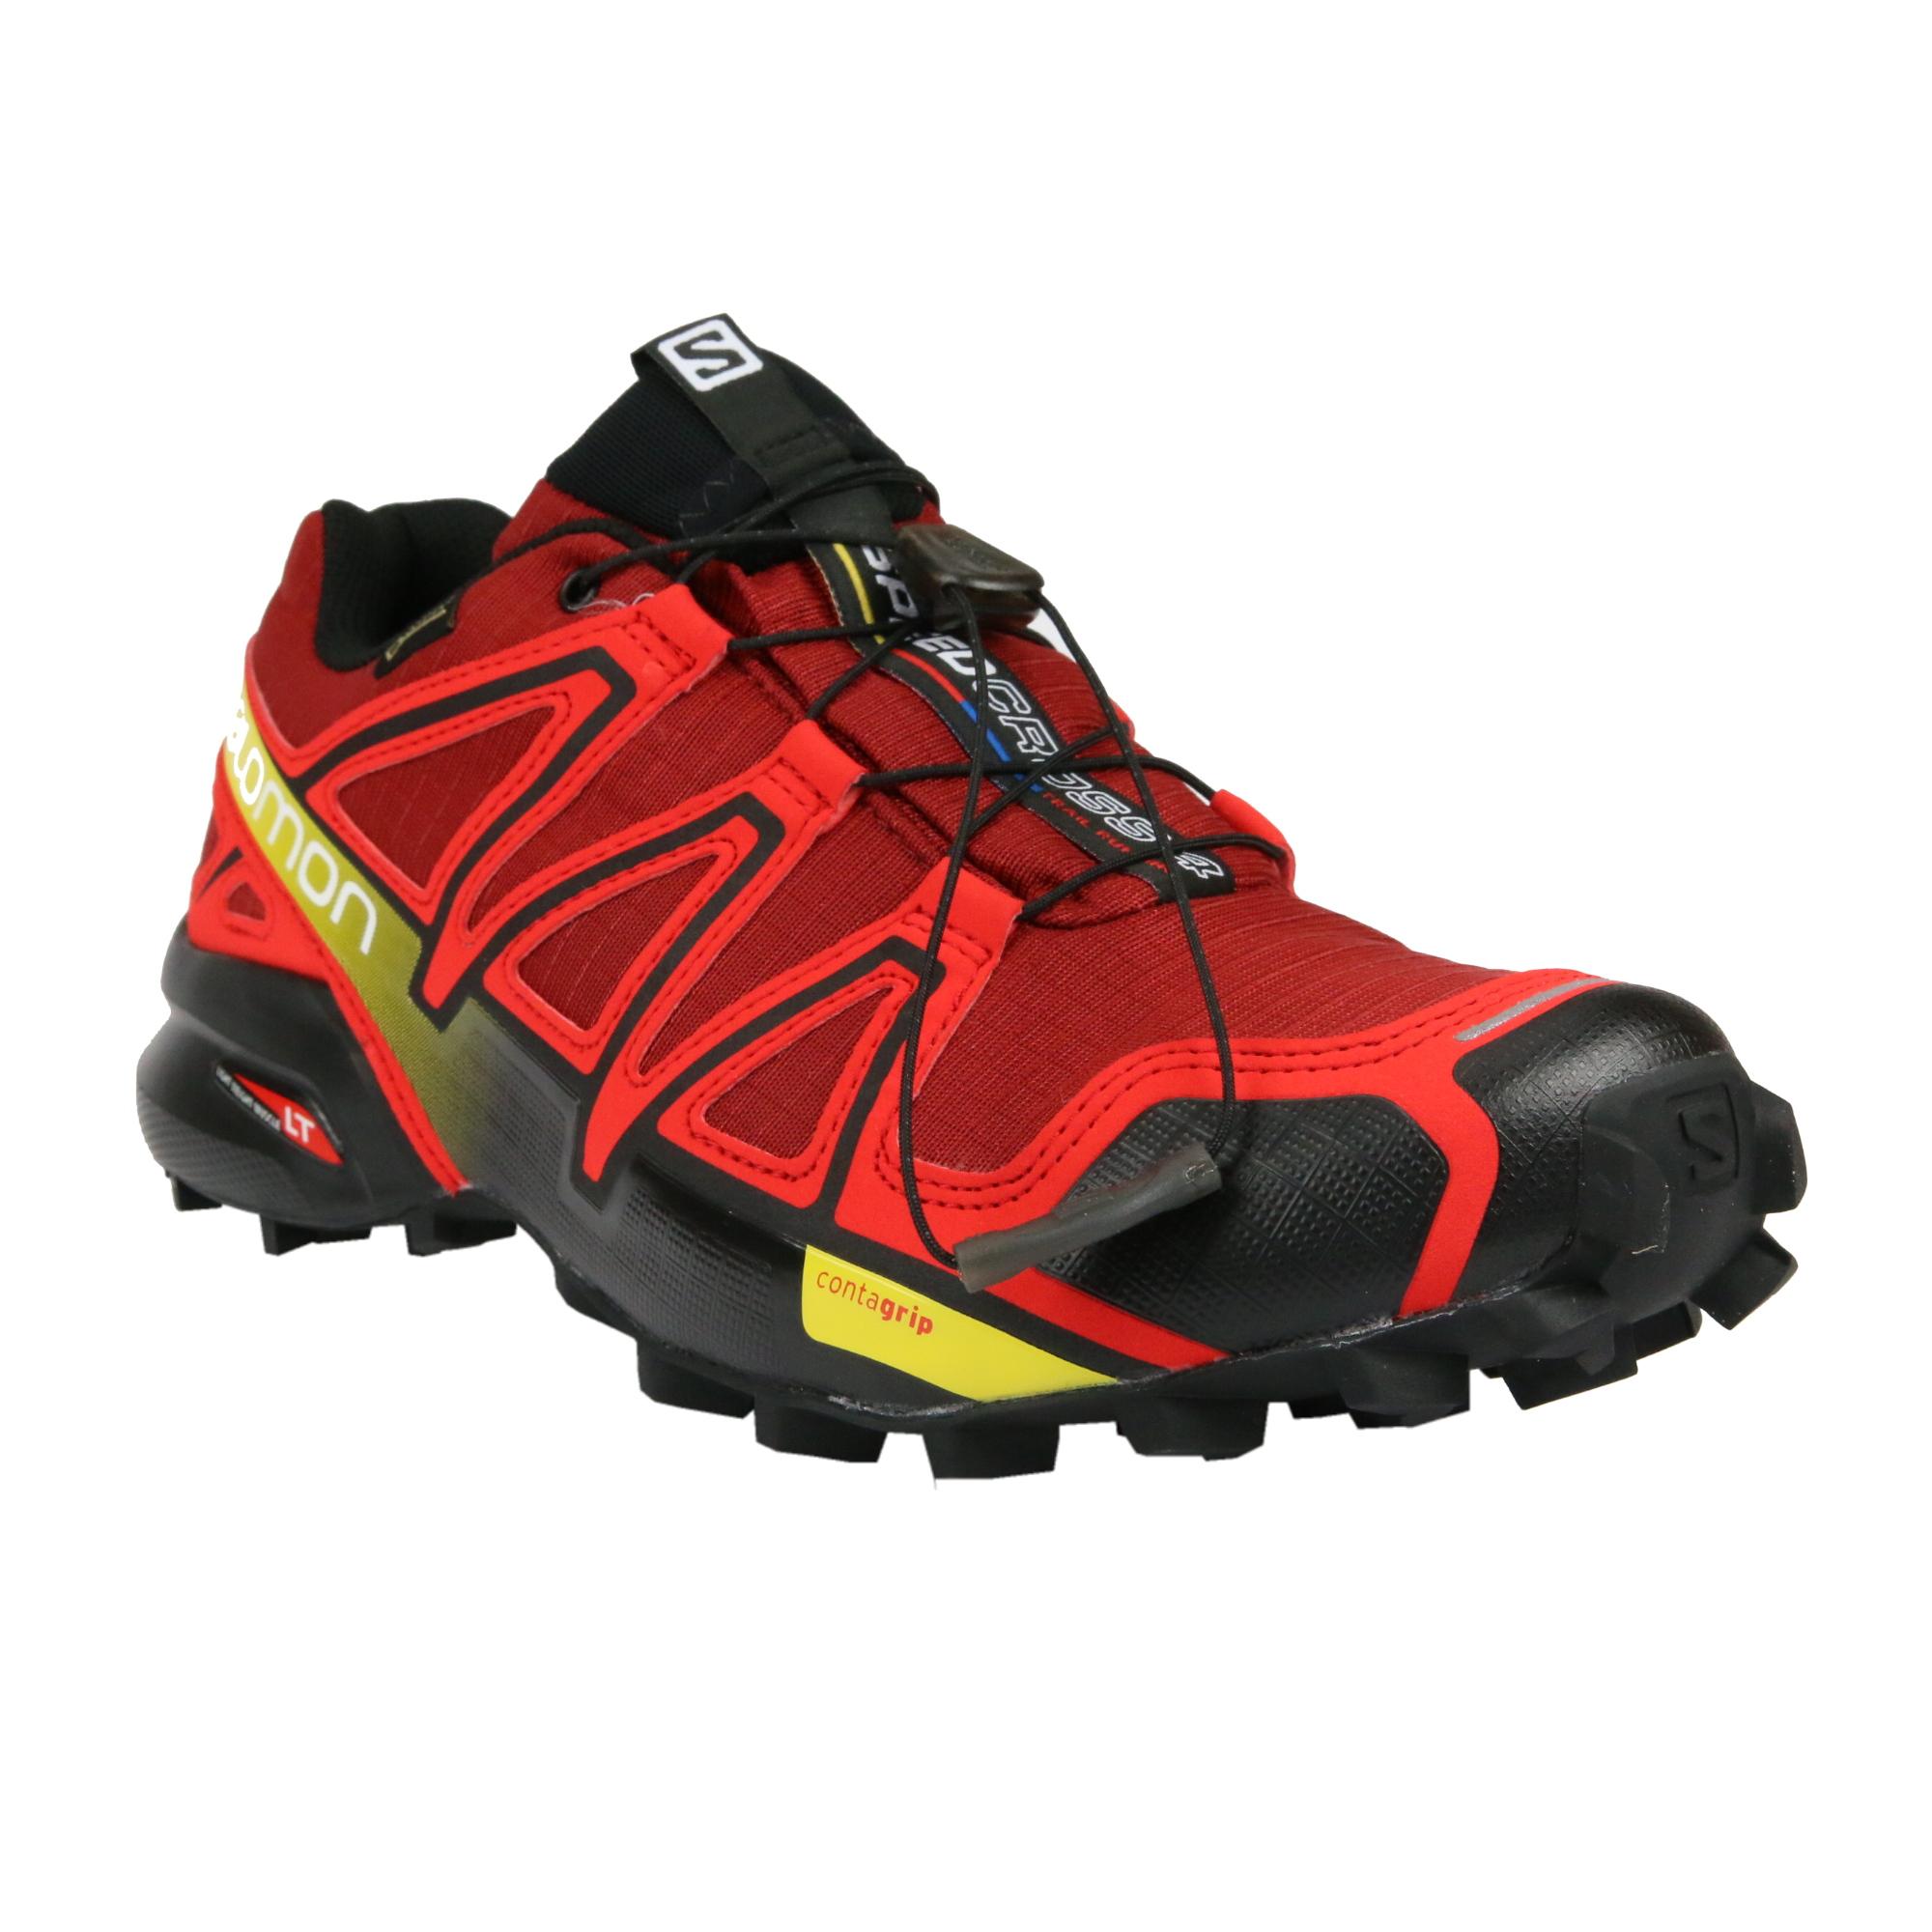 Zapatillas y zapatos Salomon Speedcross 4 Goretex 8OvgaM